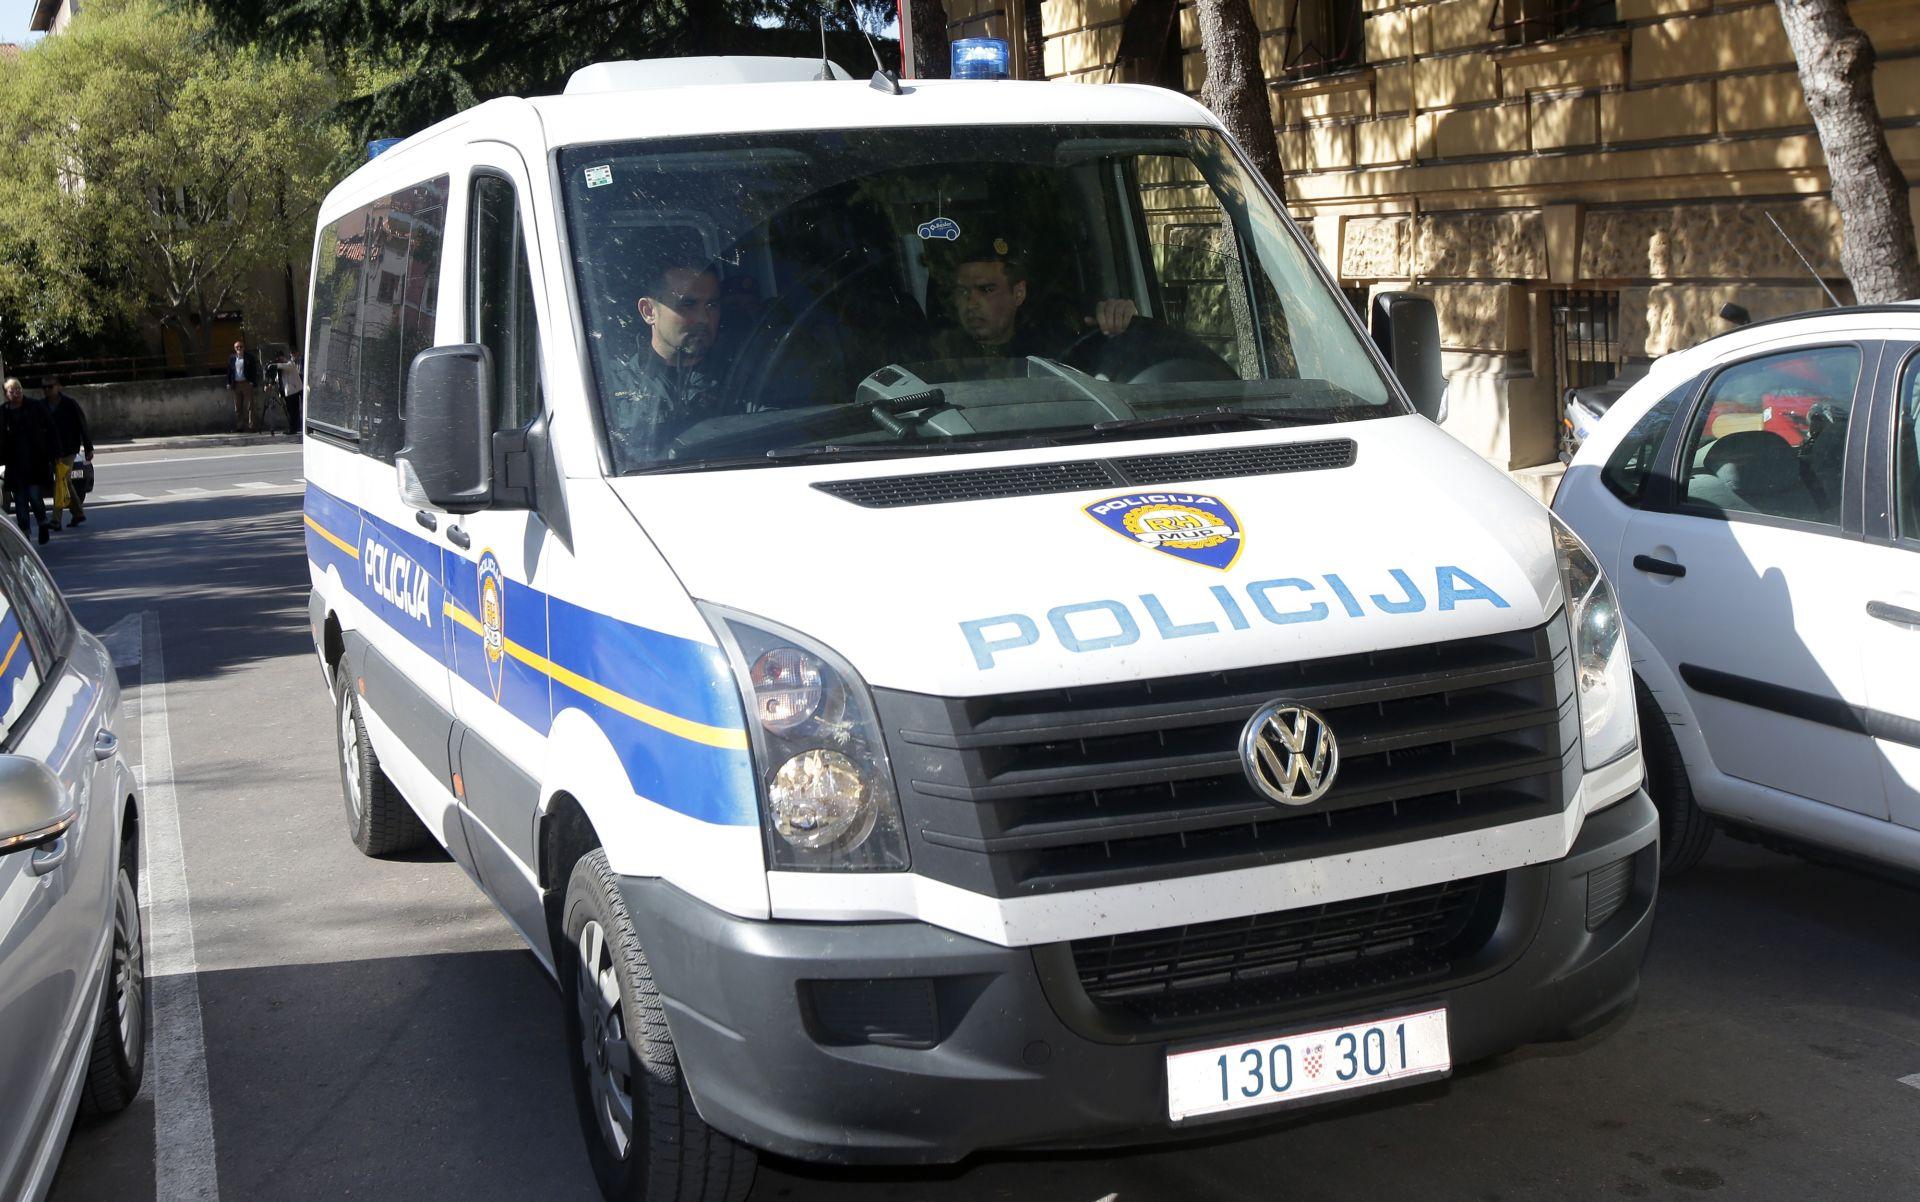 Uhićena dvojica osumnjičena za podmetanje požara u kući R. Ortynskog